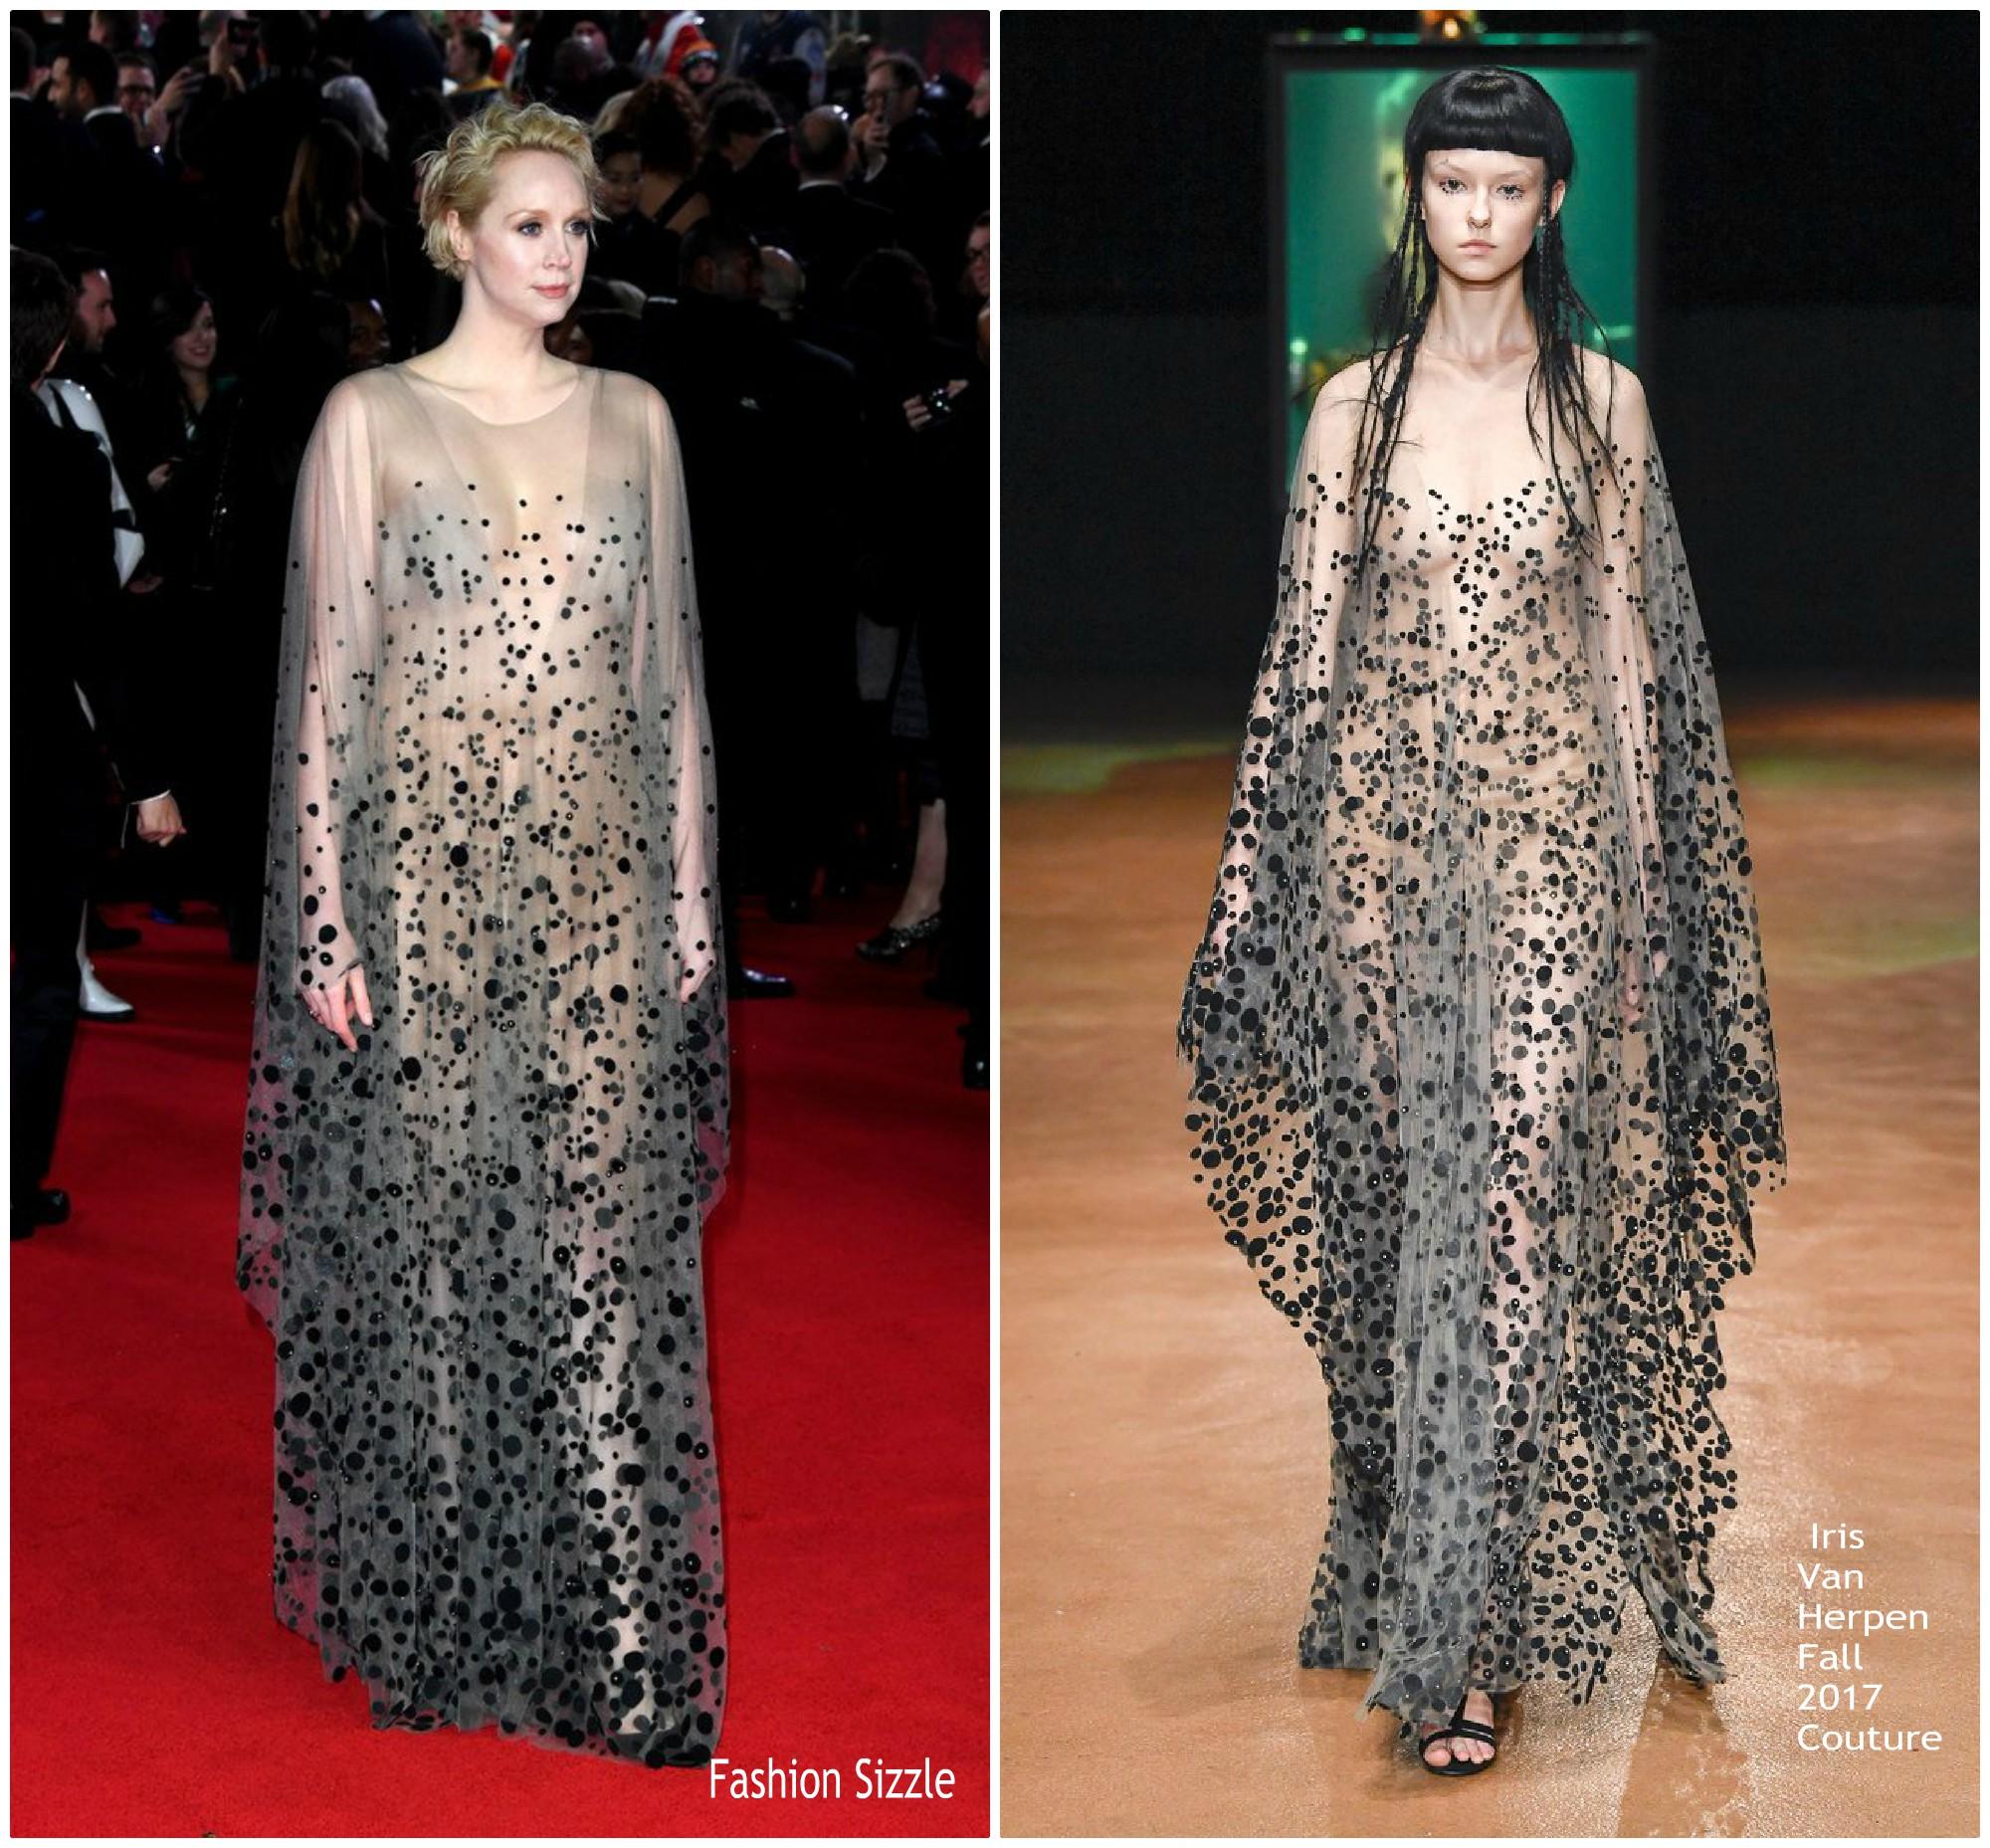 gwendoline-christie-in-iris-van-herpen-couture-star-wars-the-last-jedi-london-premiere